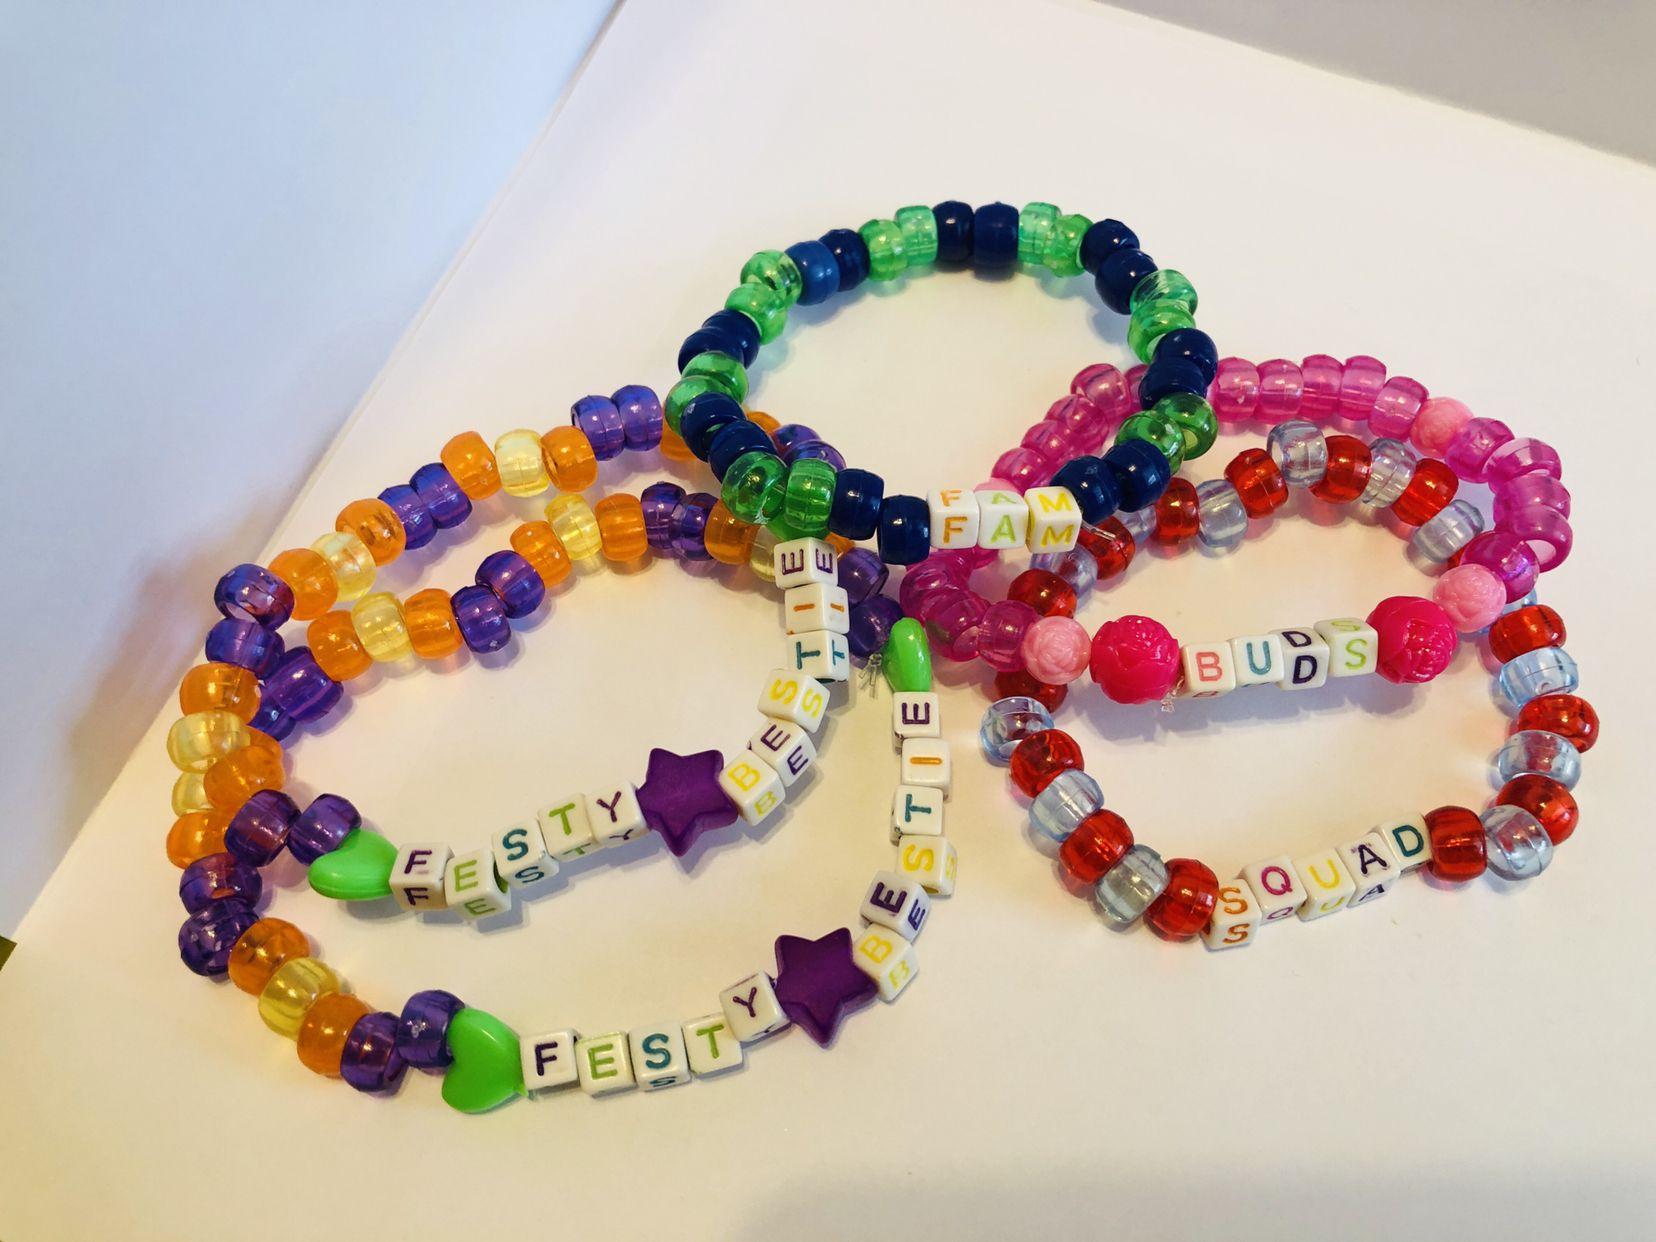 8 75 A Bundle Of 5 Bracelets Themed Around Friendship